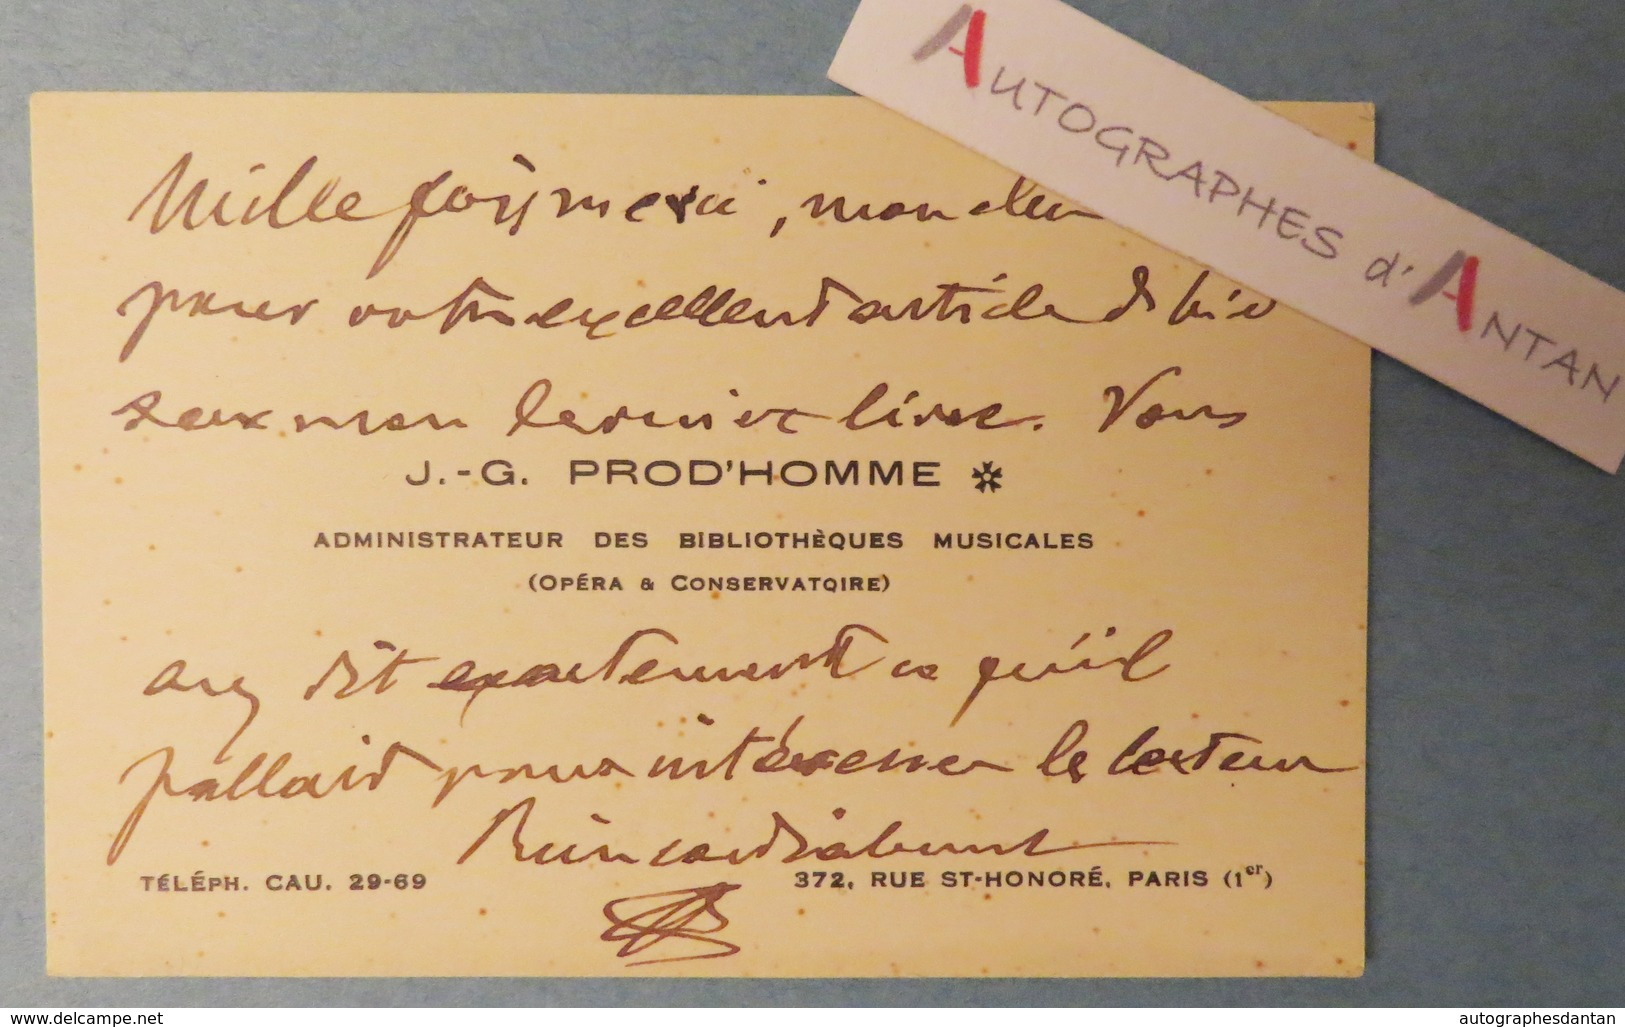 Jacques-Gabriel PROD'HOMME Musicologue - Bibliothèques Musicales Opéra & Conservatoire Carte Lettre Autographe L.A.S - Autographes